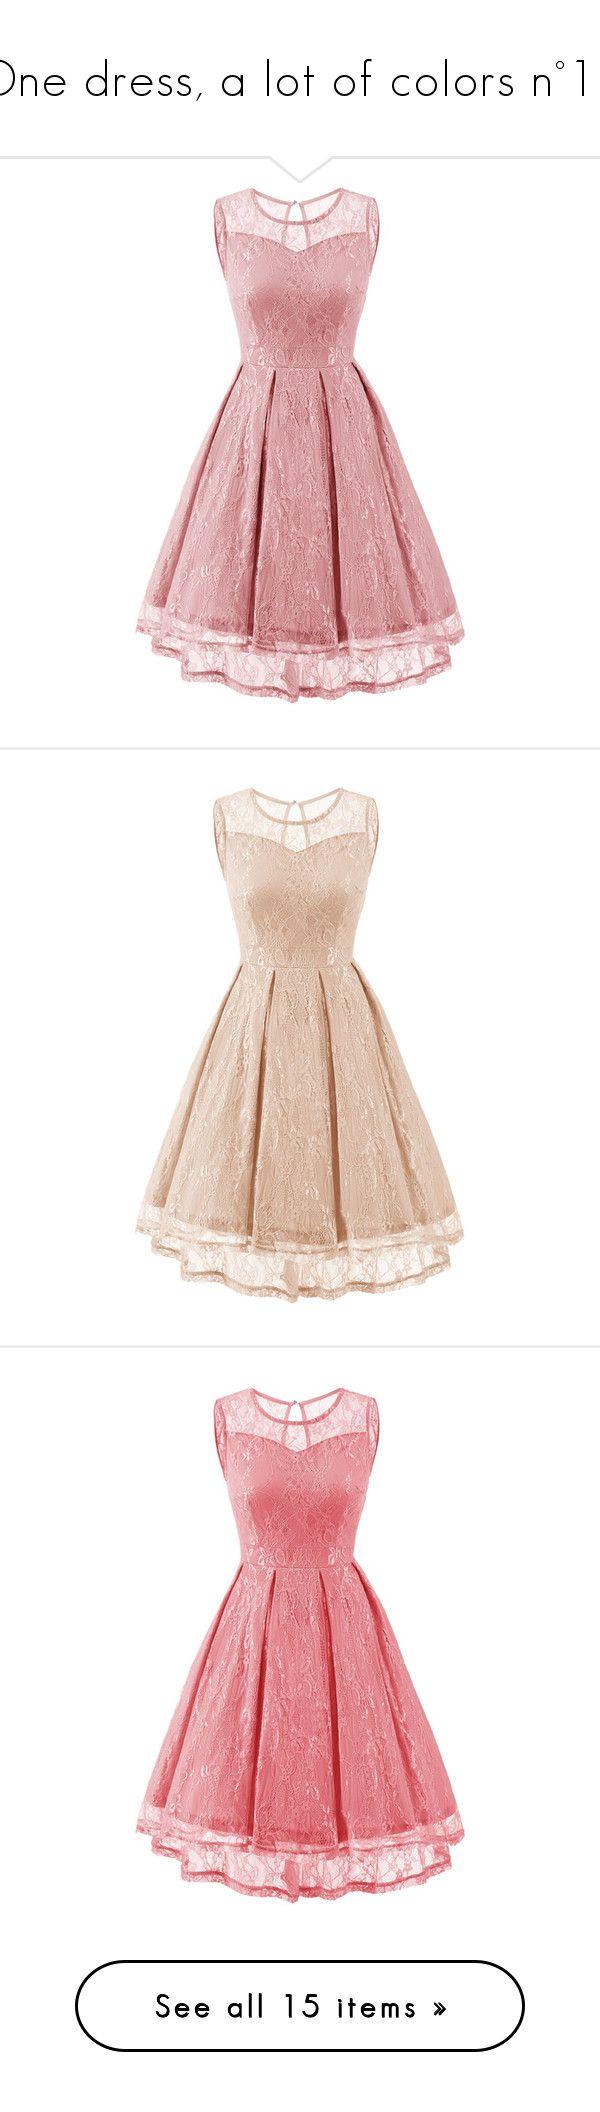 b8faf58adf9c3 One dress, a lot of colors n°12